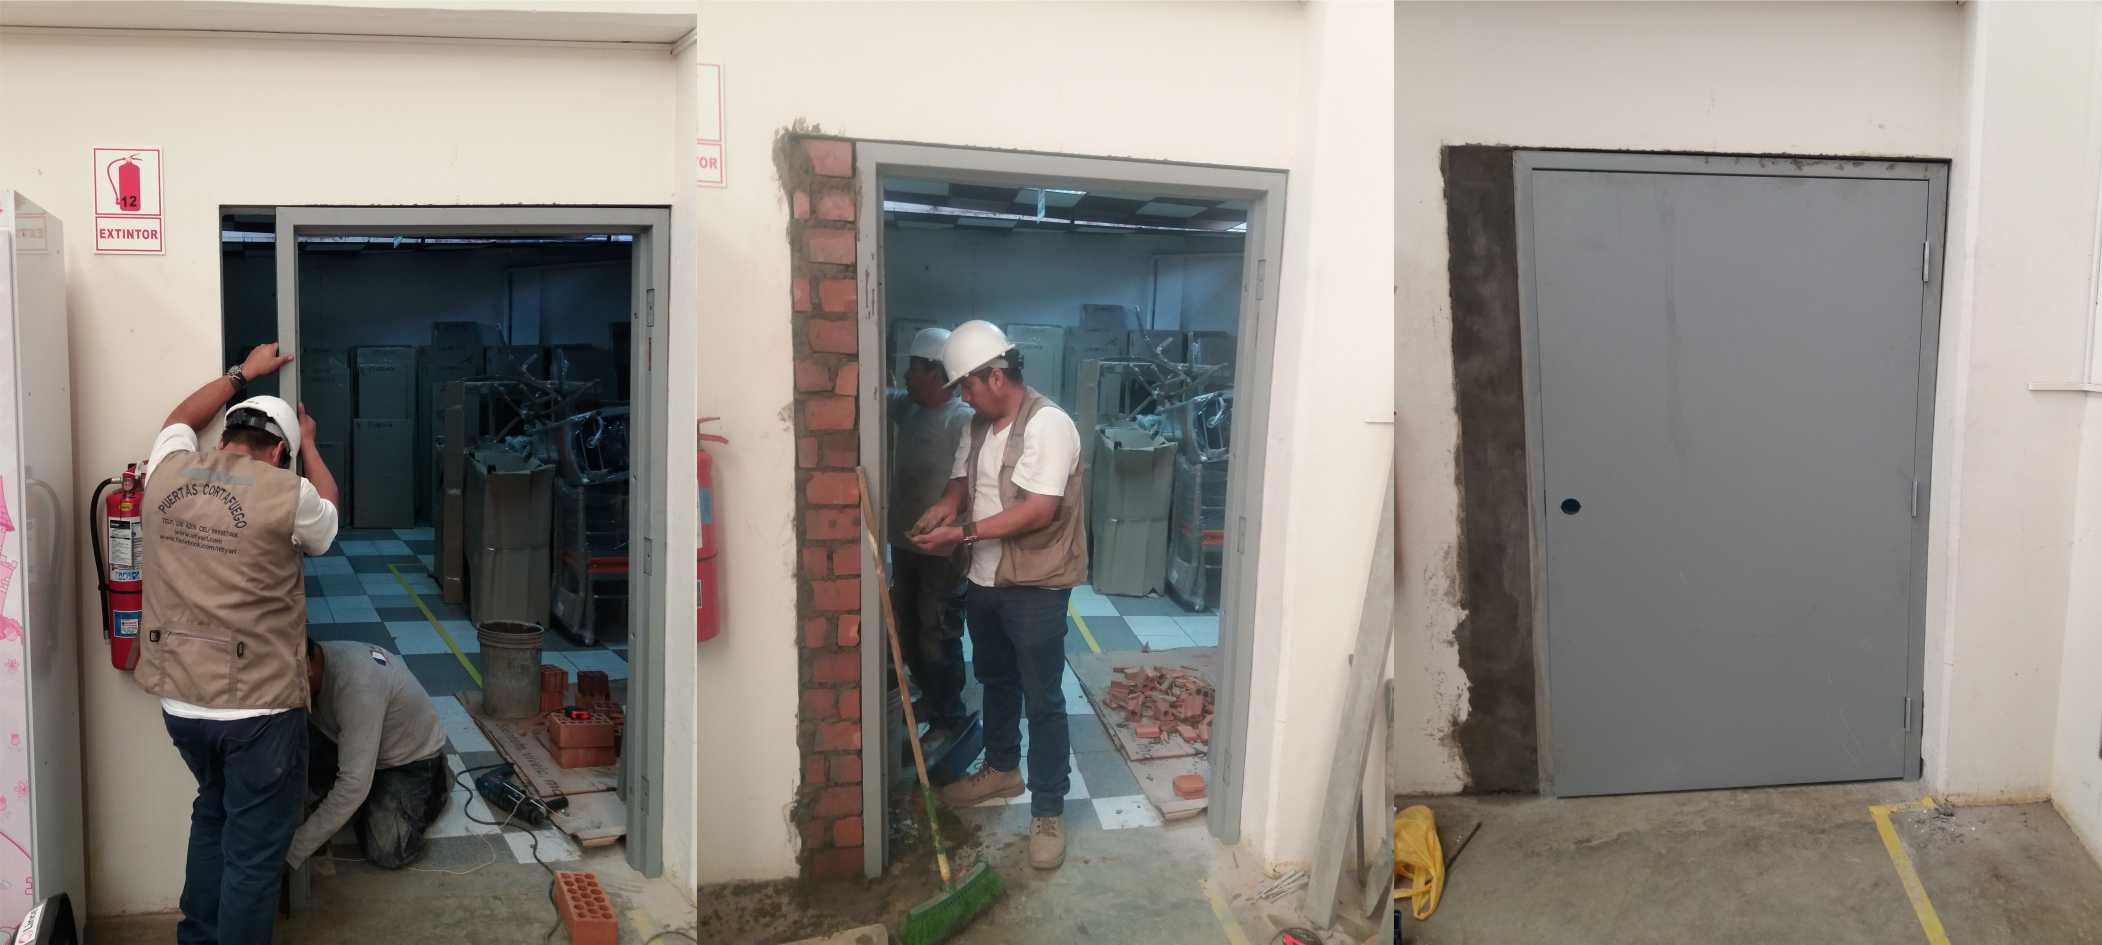 Instalaci n de puertas cortafuego - Instalacion de puertas correderas ...